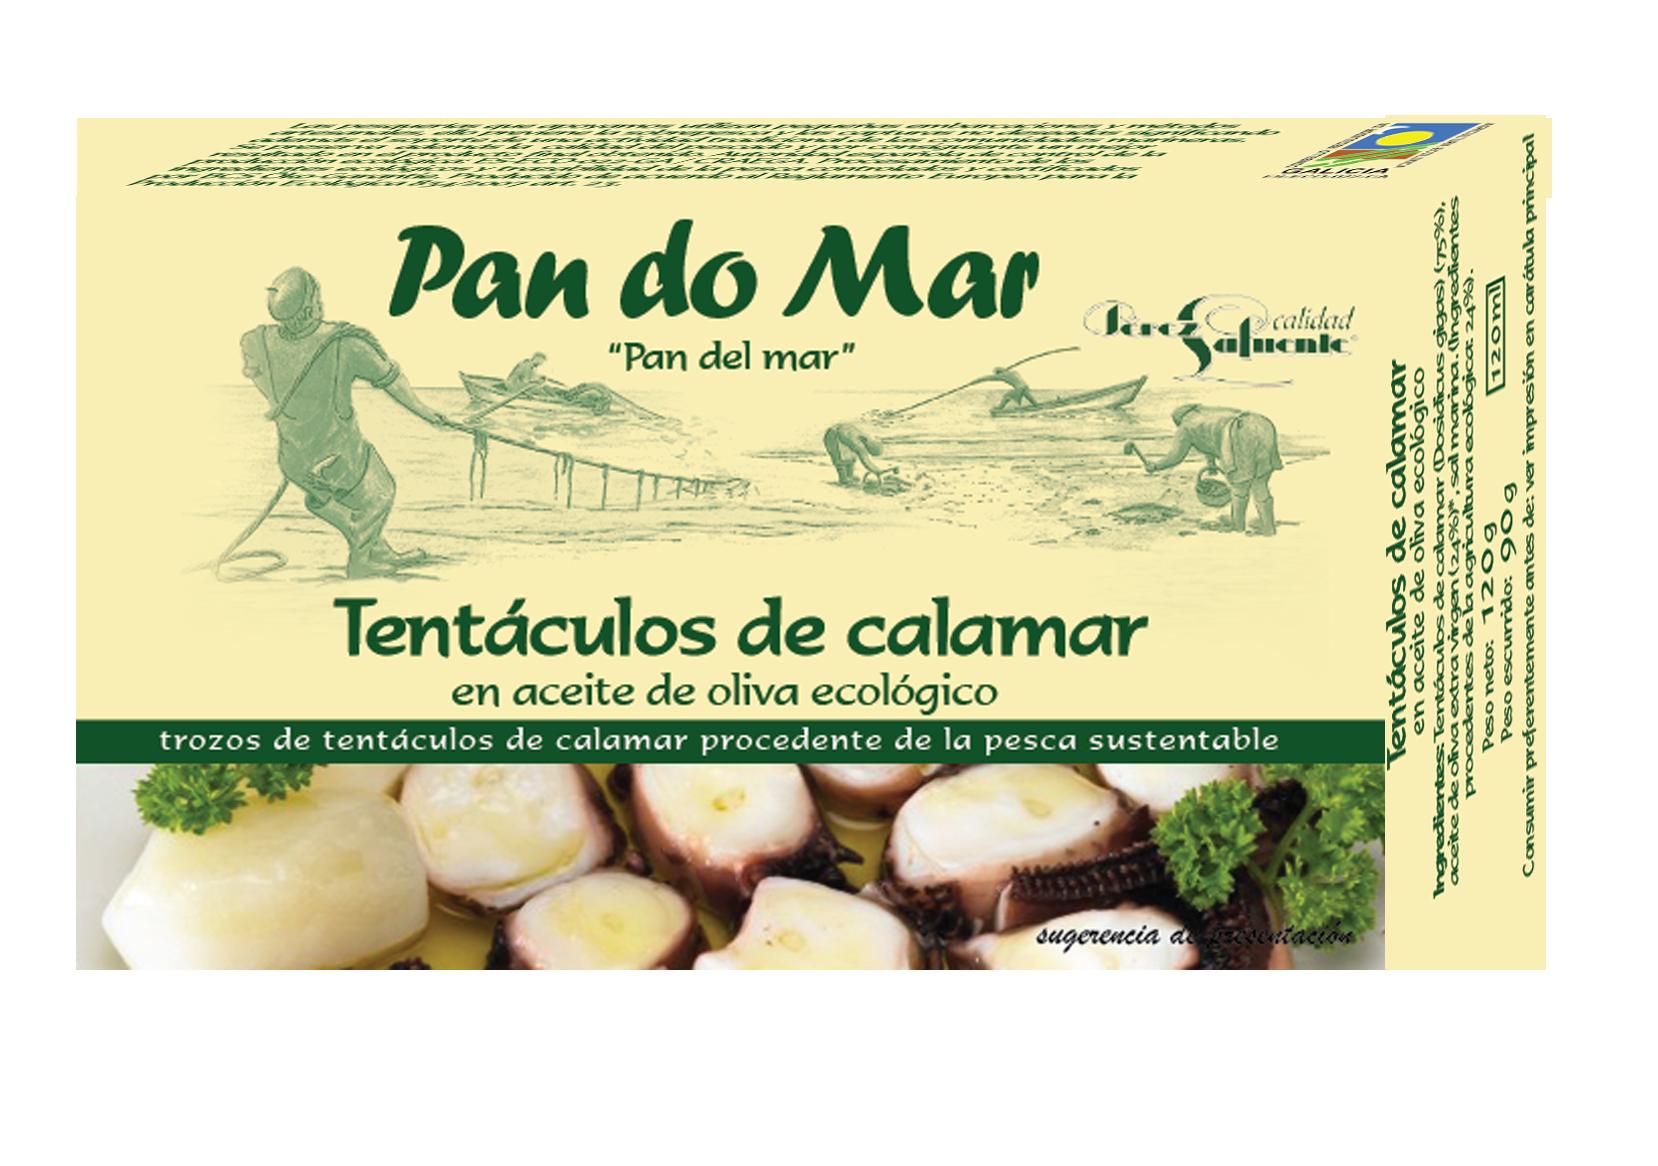 Tentáculos de calamar en aceite de oliva ecológico (120g)